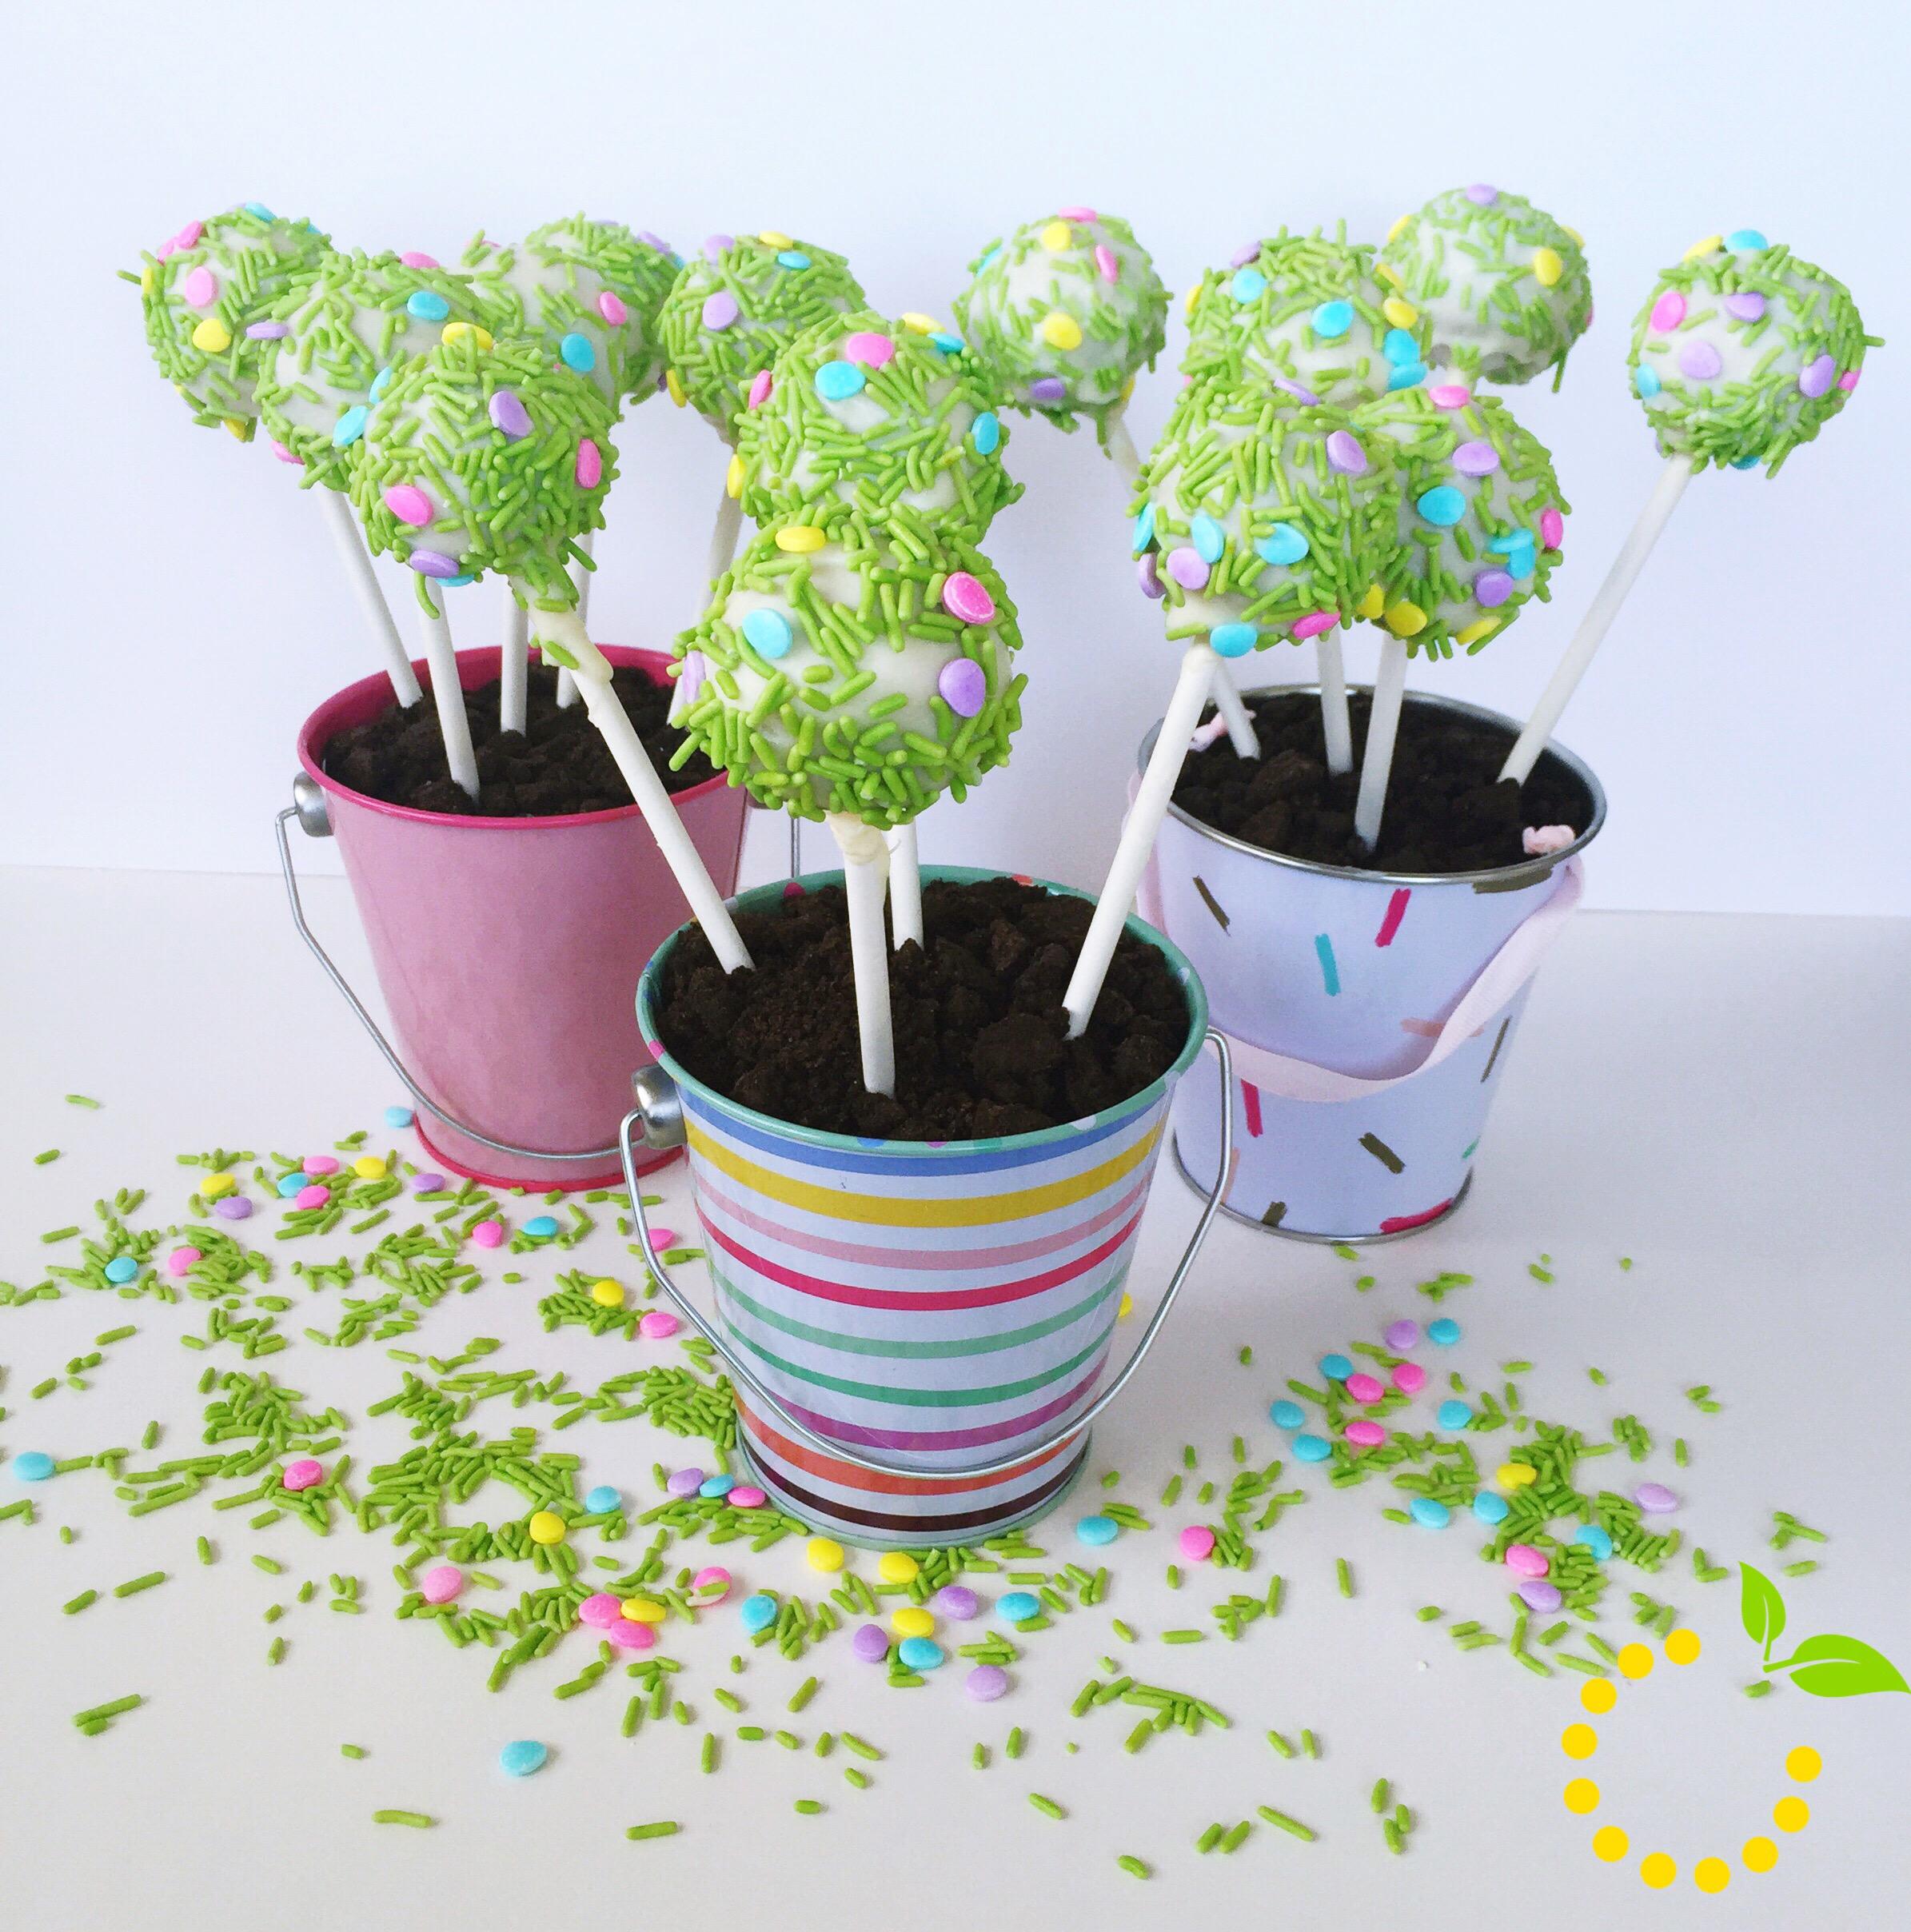 Spring Flower Cake Pops sweetlemonmade.com